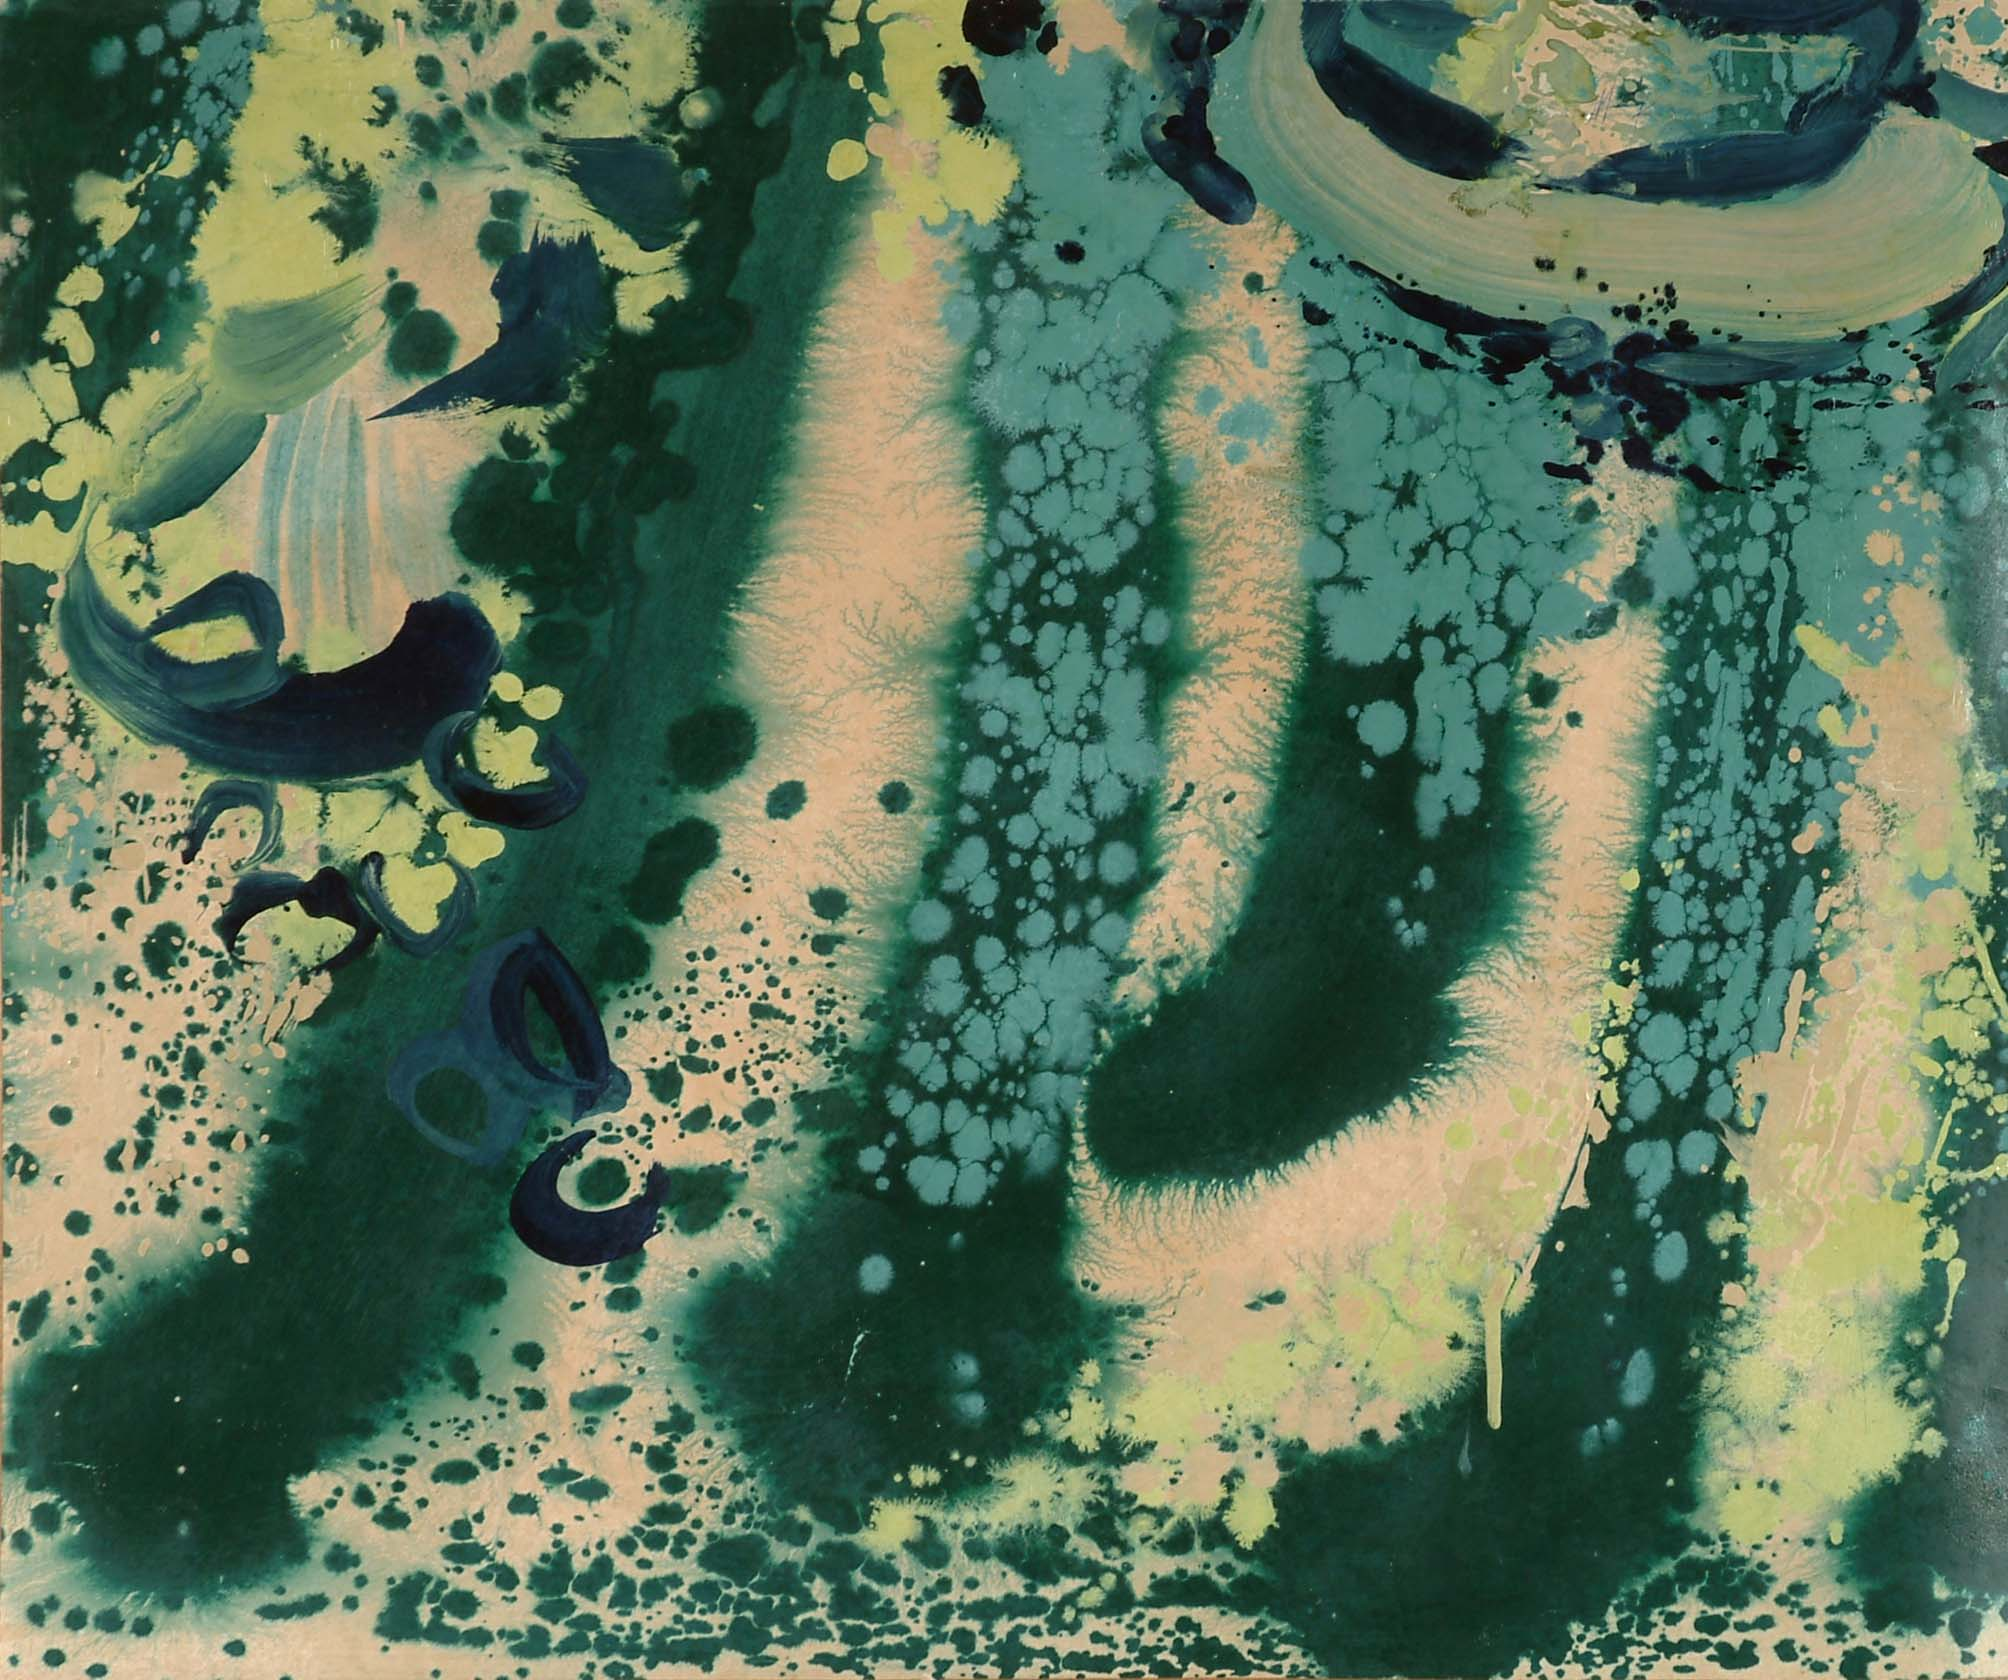 蔭  62x74 cm 油畫  1973